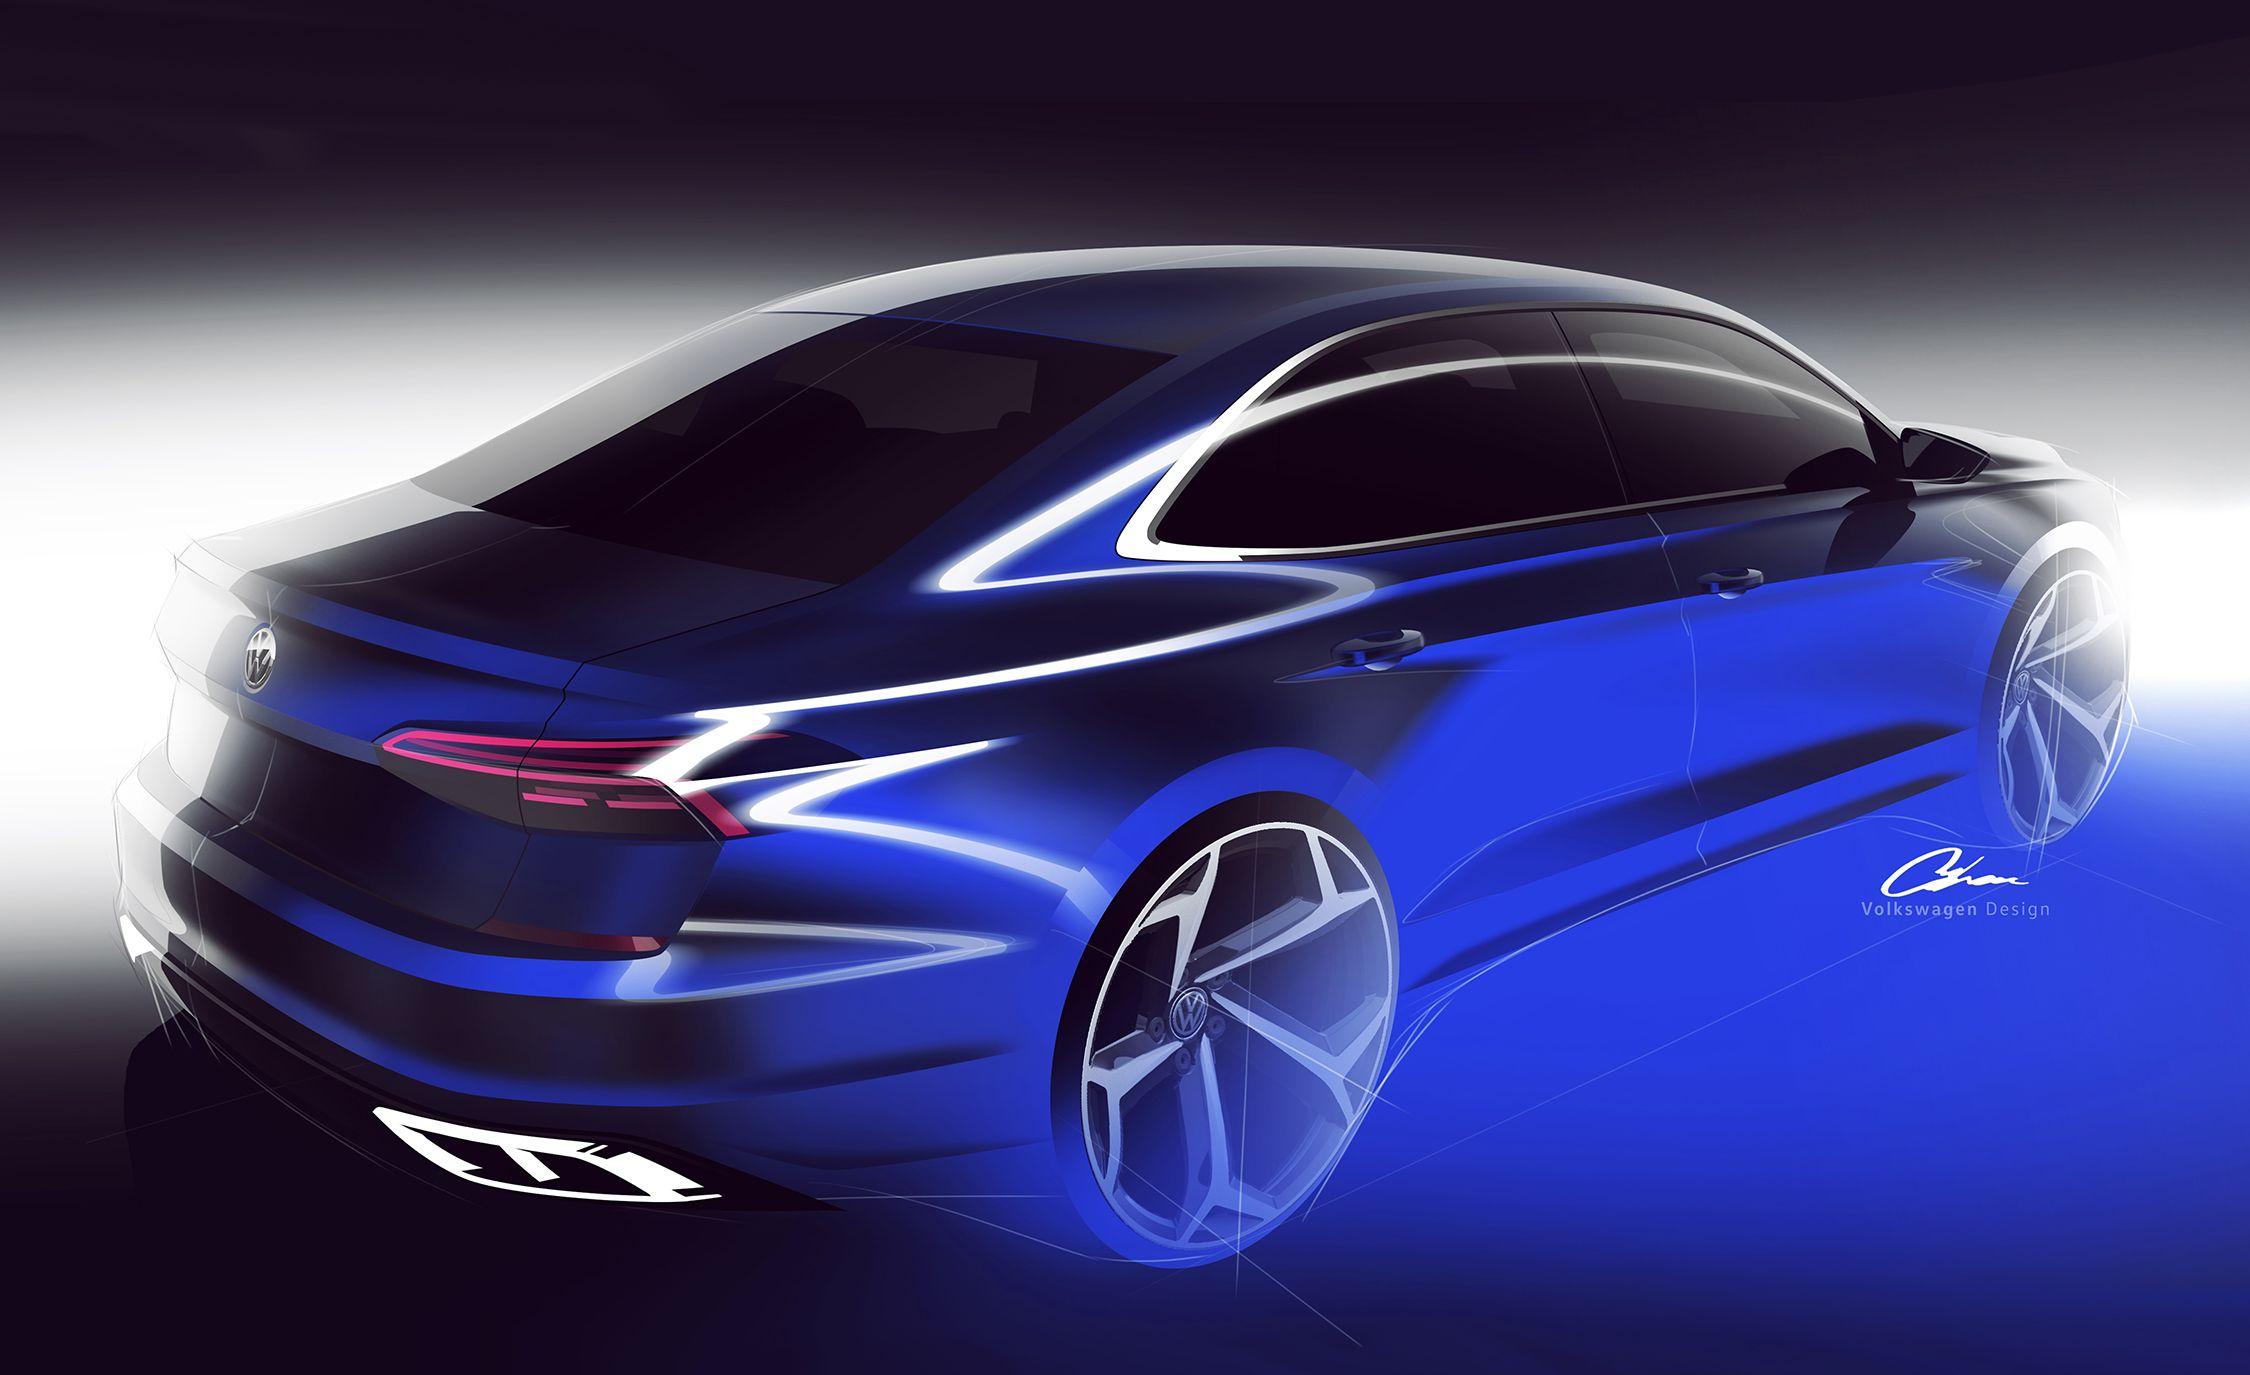 2020 Volkswagen Passat sketch